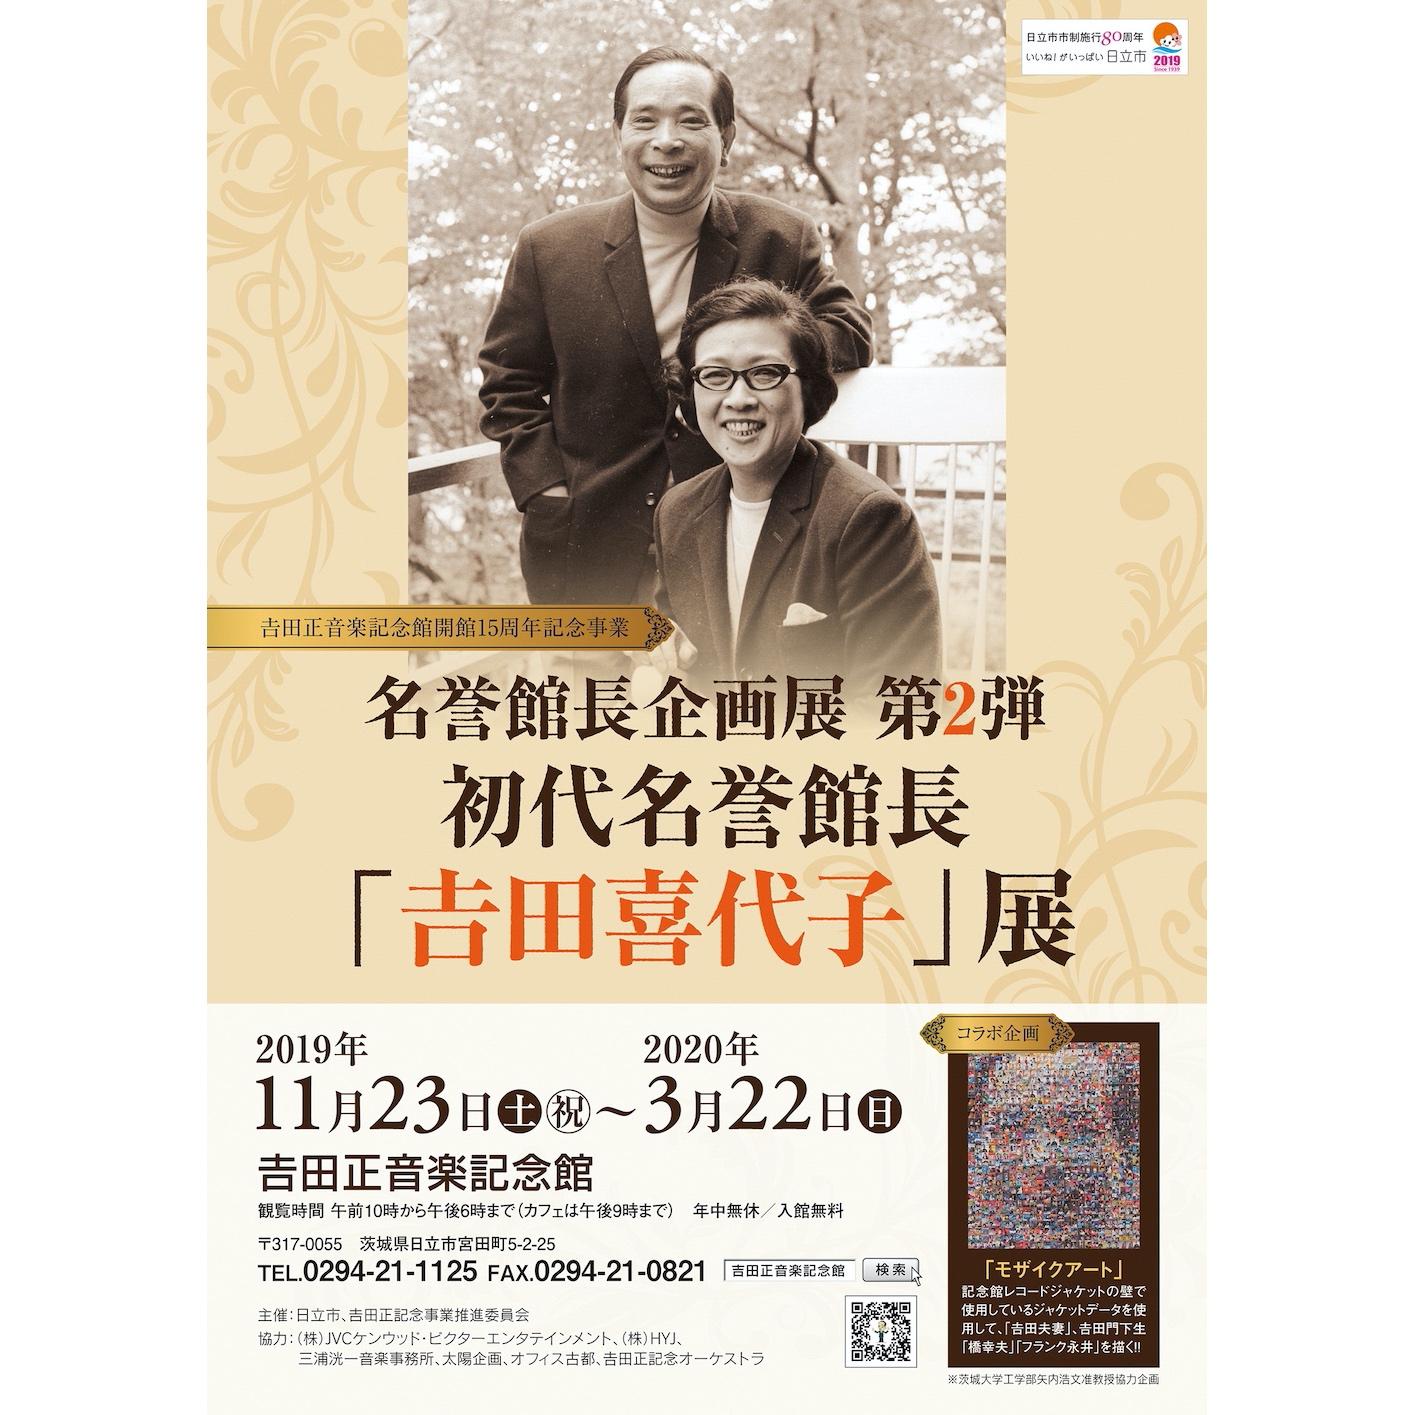 吉田正音楽記念館 開館15周年記念事業「吉田喜代子」展<br>工学部教員がアート作品を提供